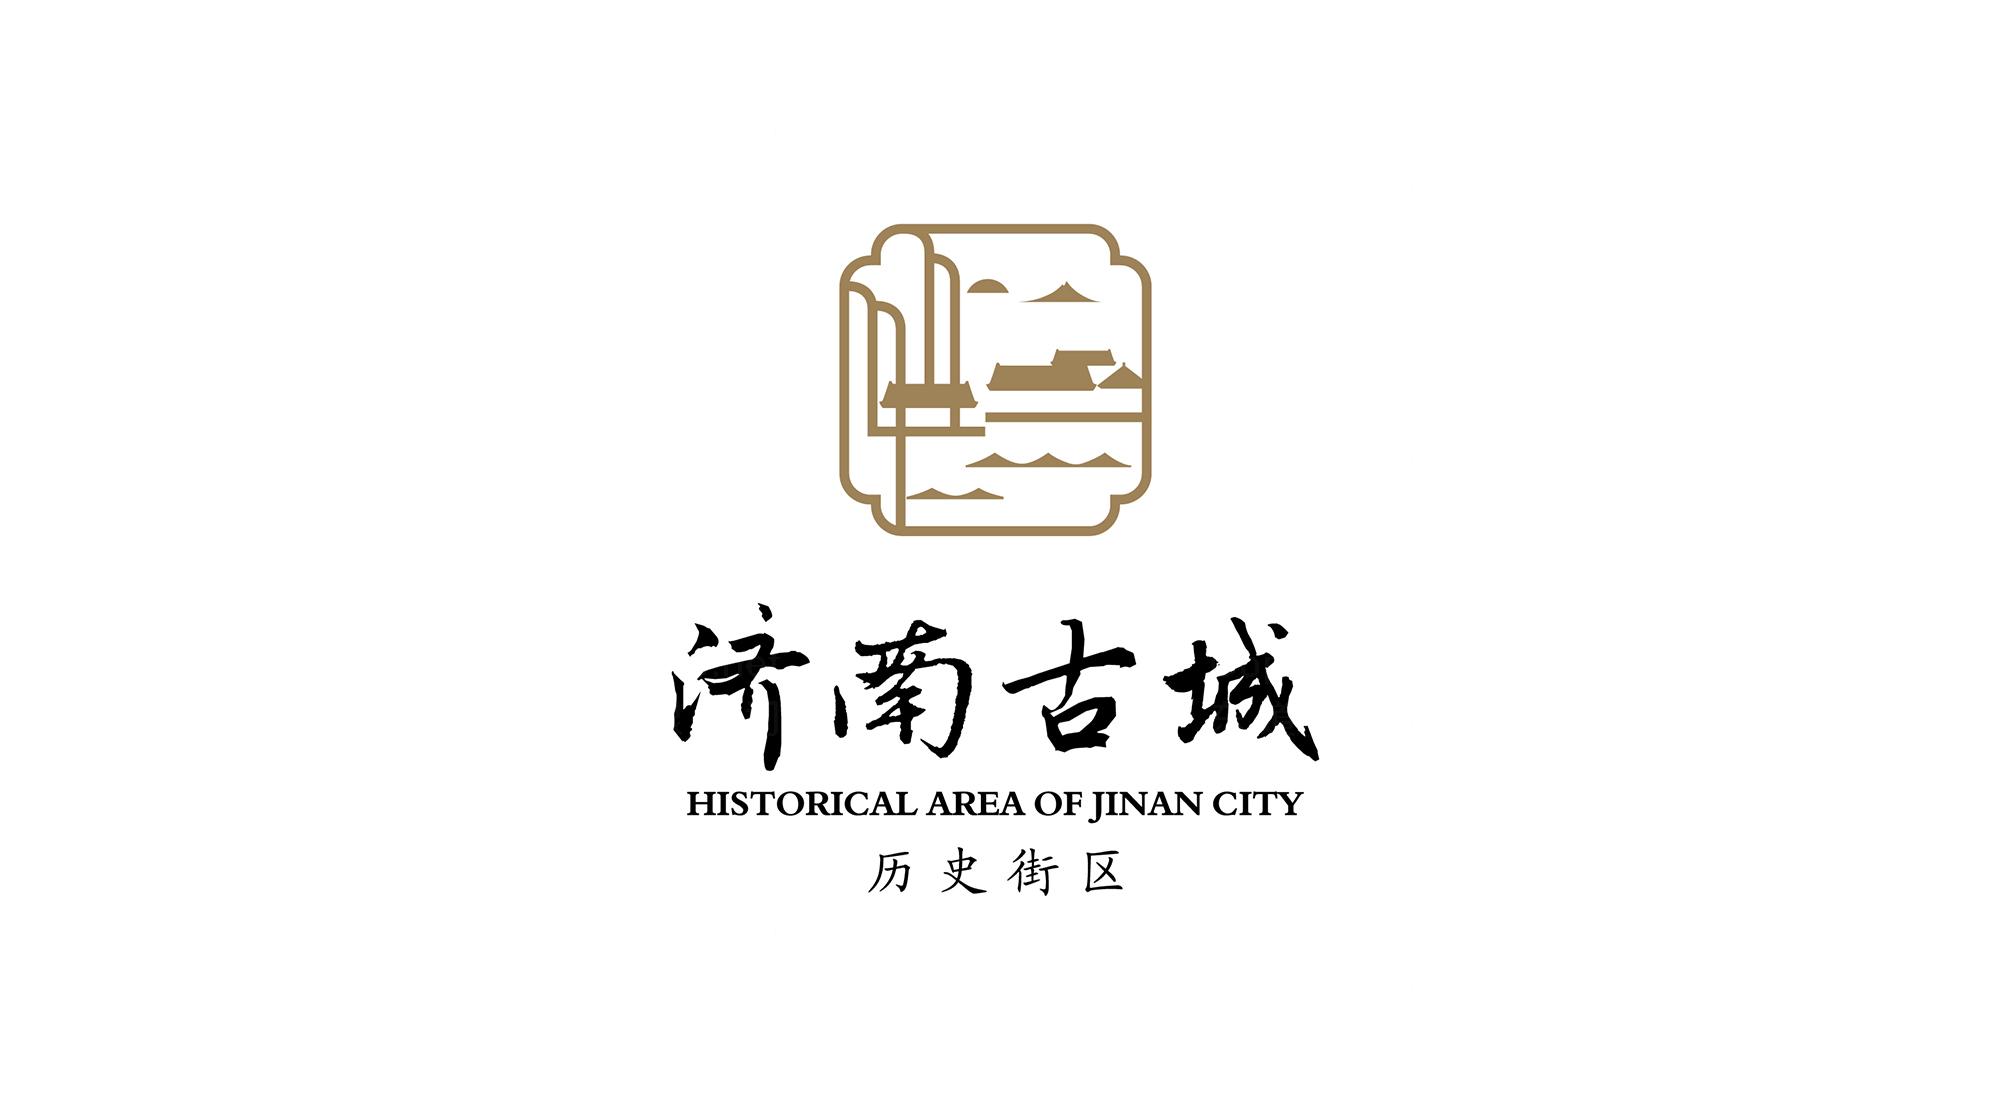 政府机构logo设计